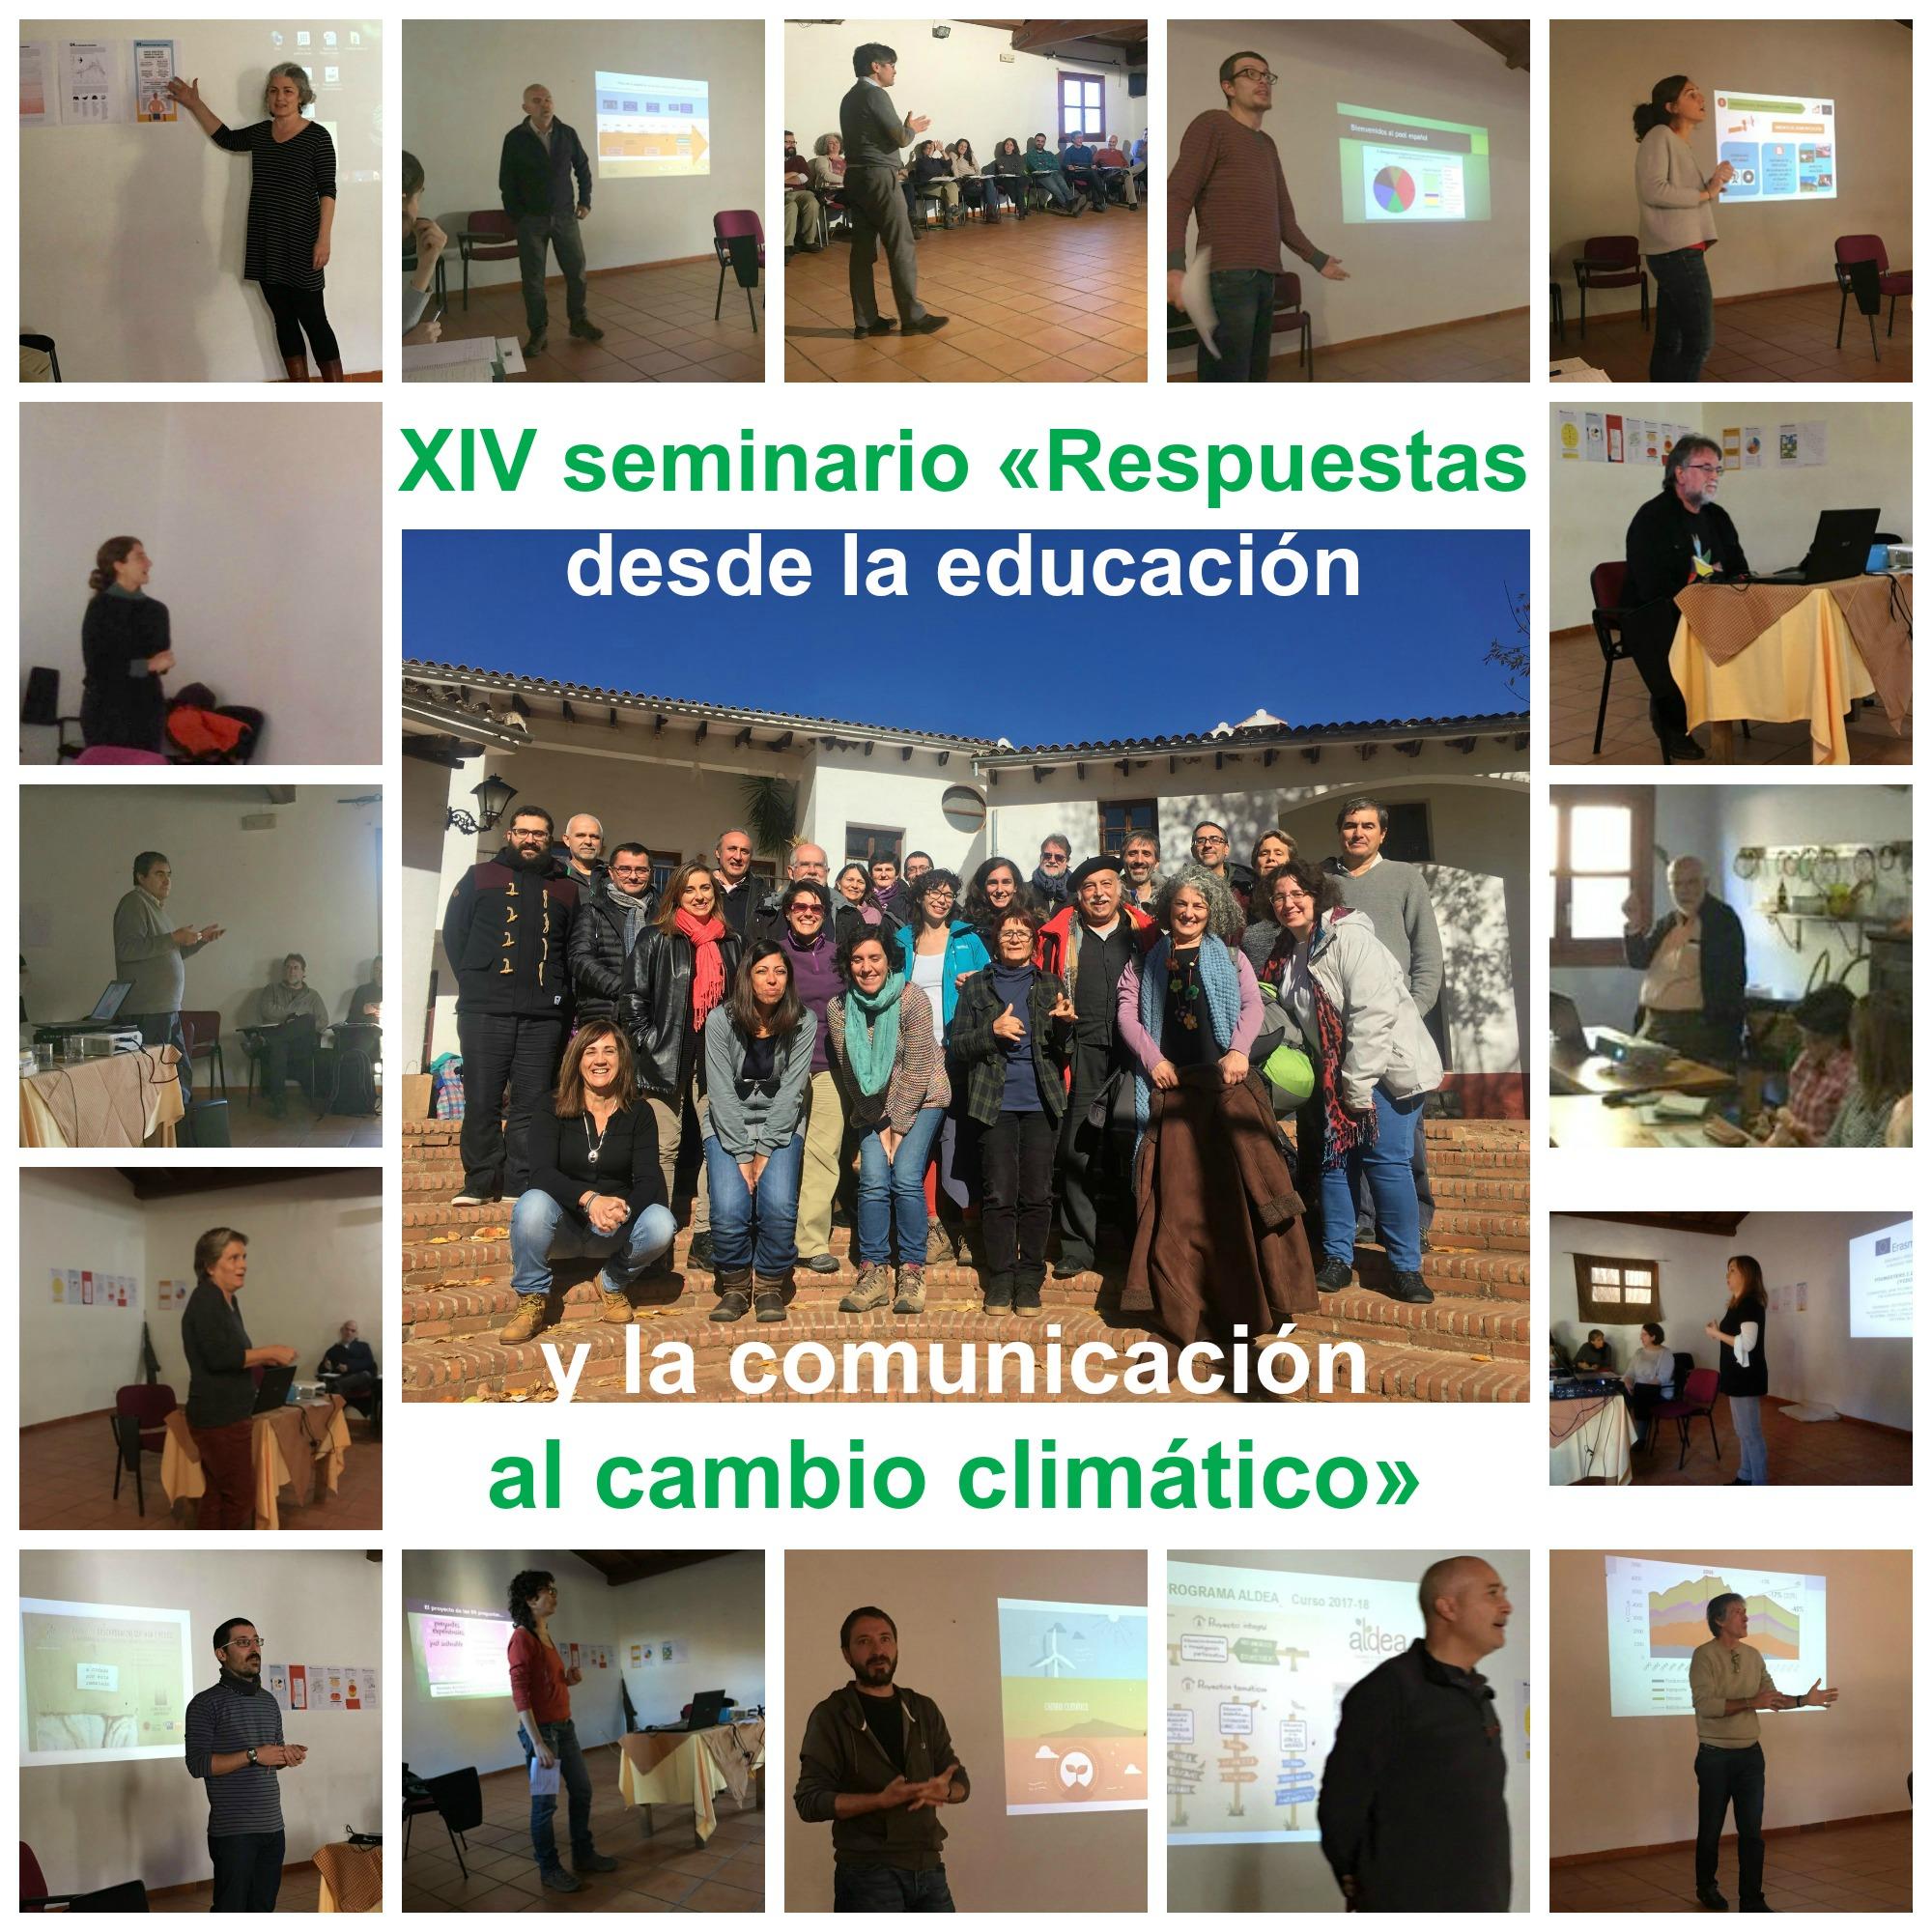 El Centro de Naturaleza El Remolino en Cazalla de la Sierra (Sevilla) ha servido de residencia y lugar de encuentro de los participantes en la 14.ª edición del seminario «Respuestas desde la educación y la comunicación al cambio climático».